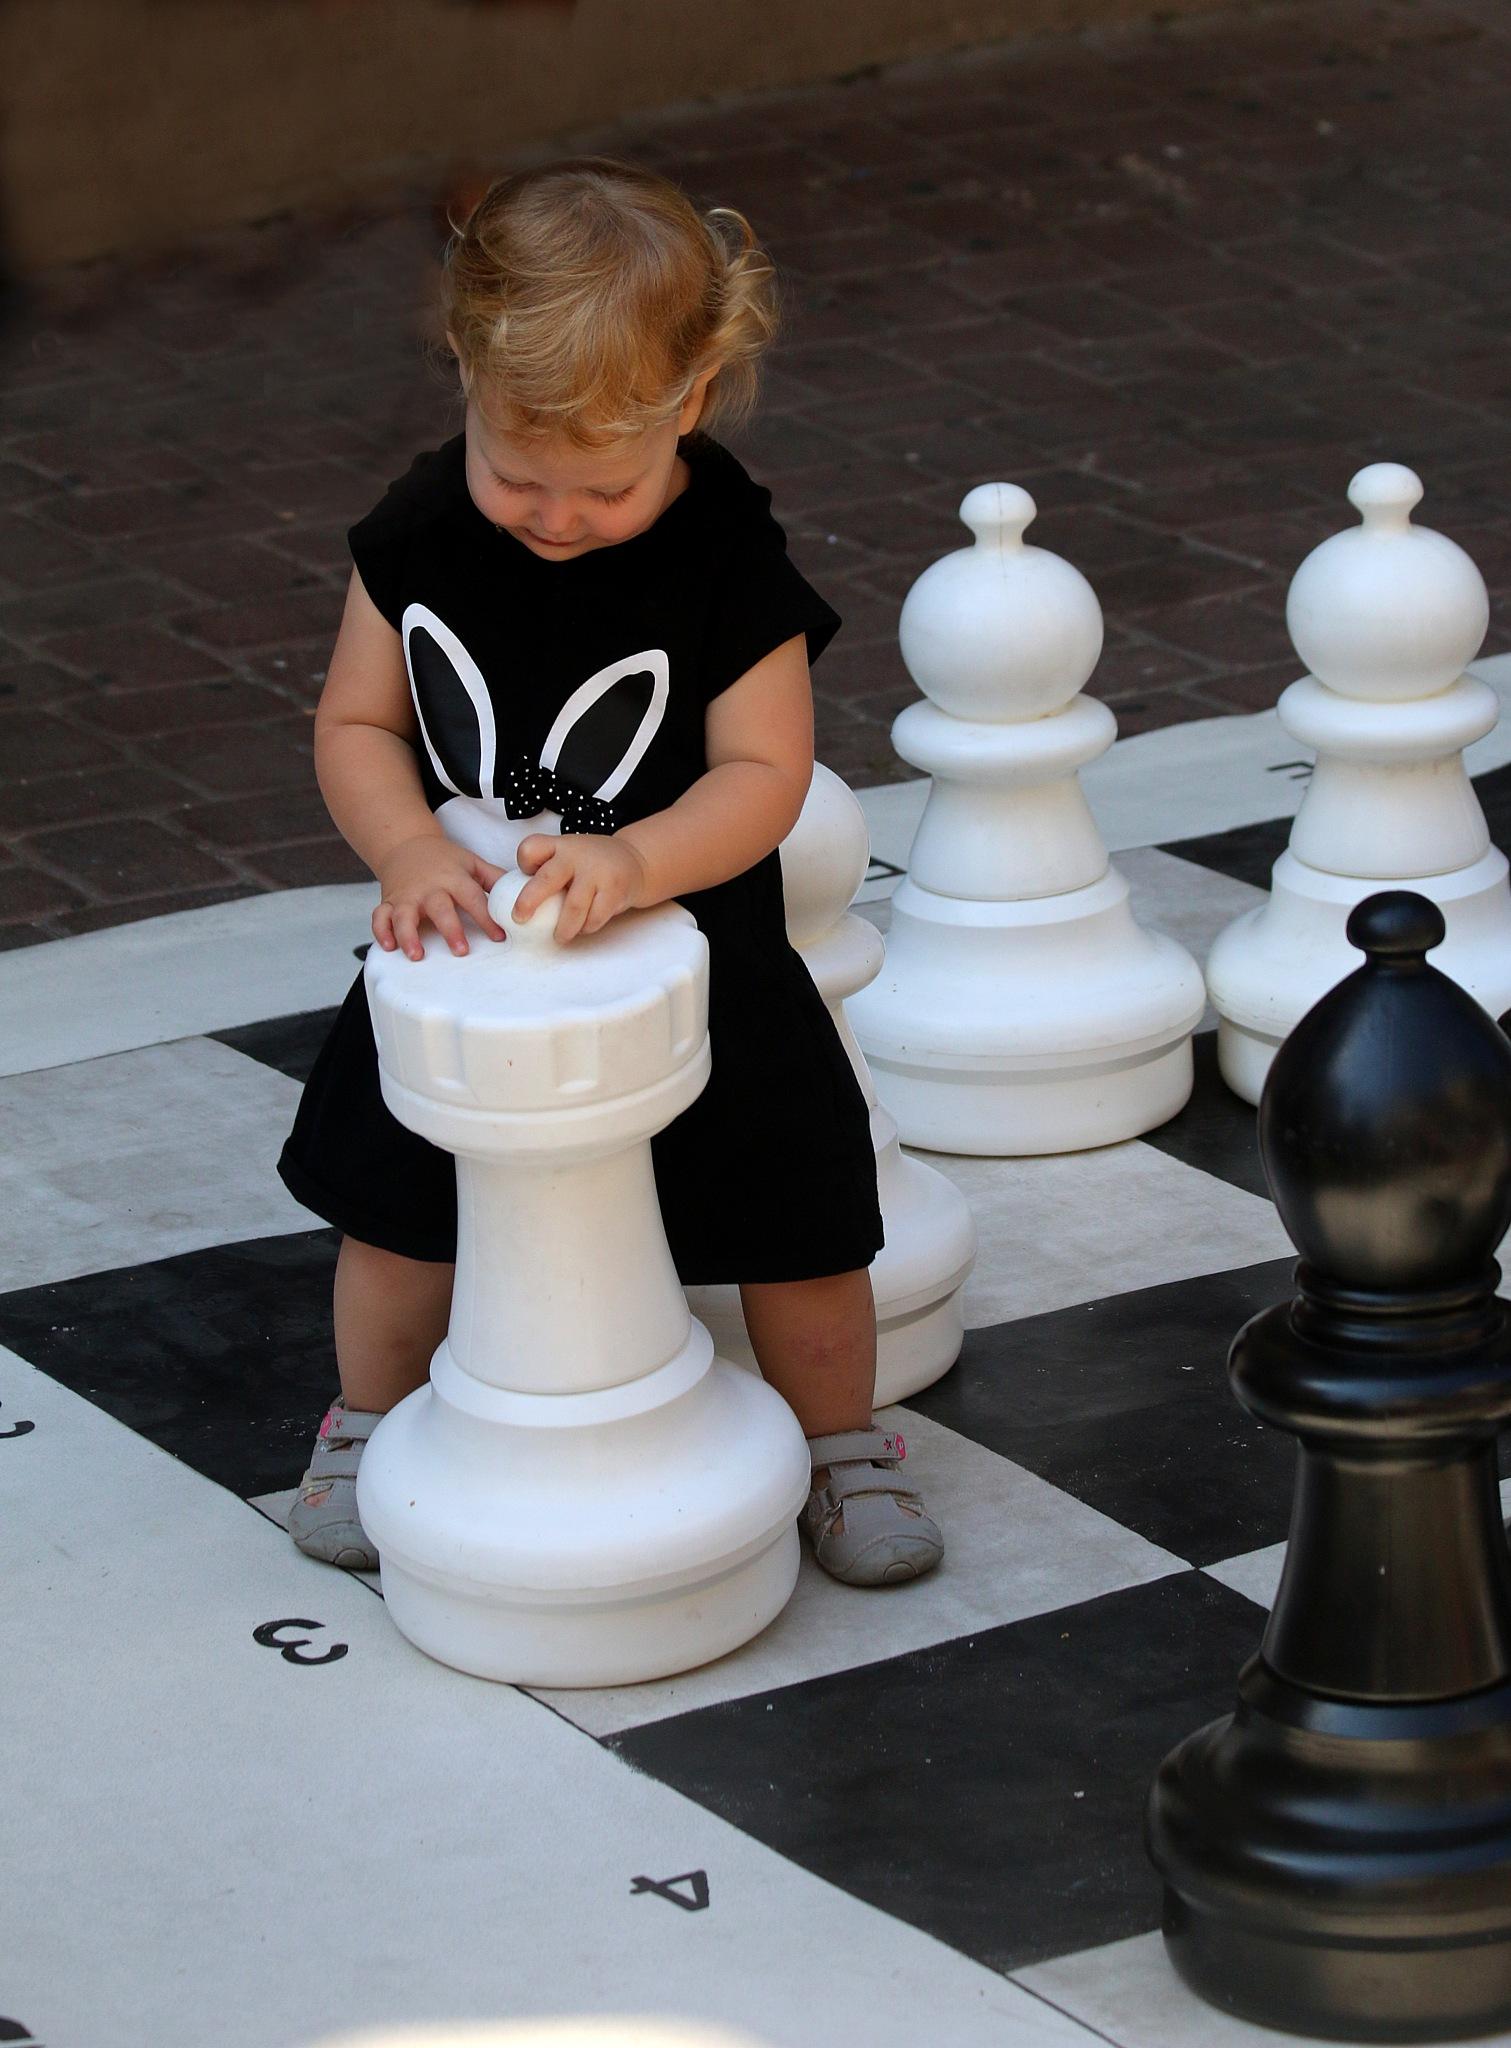 Checkmate 1 by  Itzkovich  Joseph